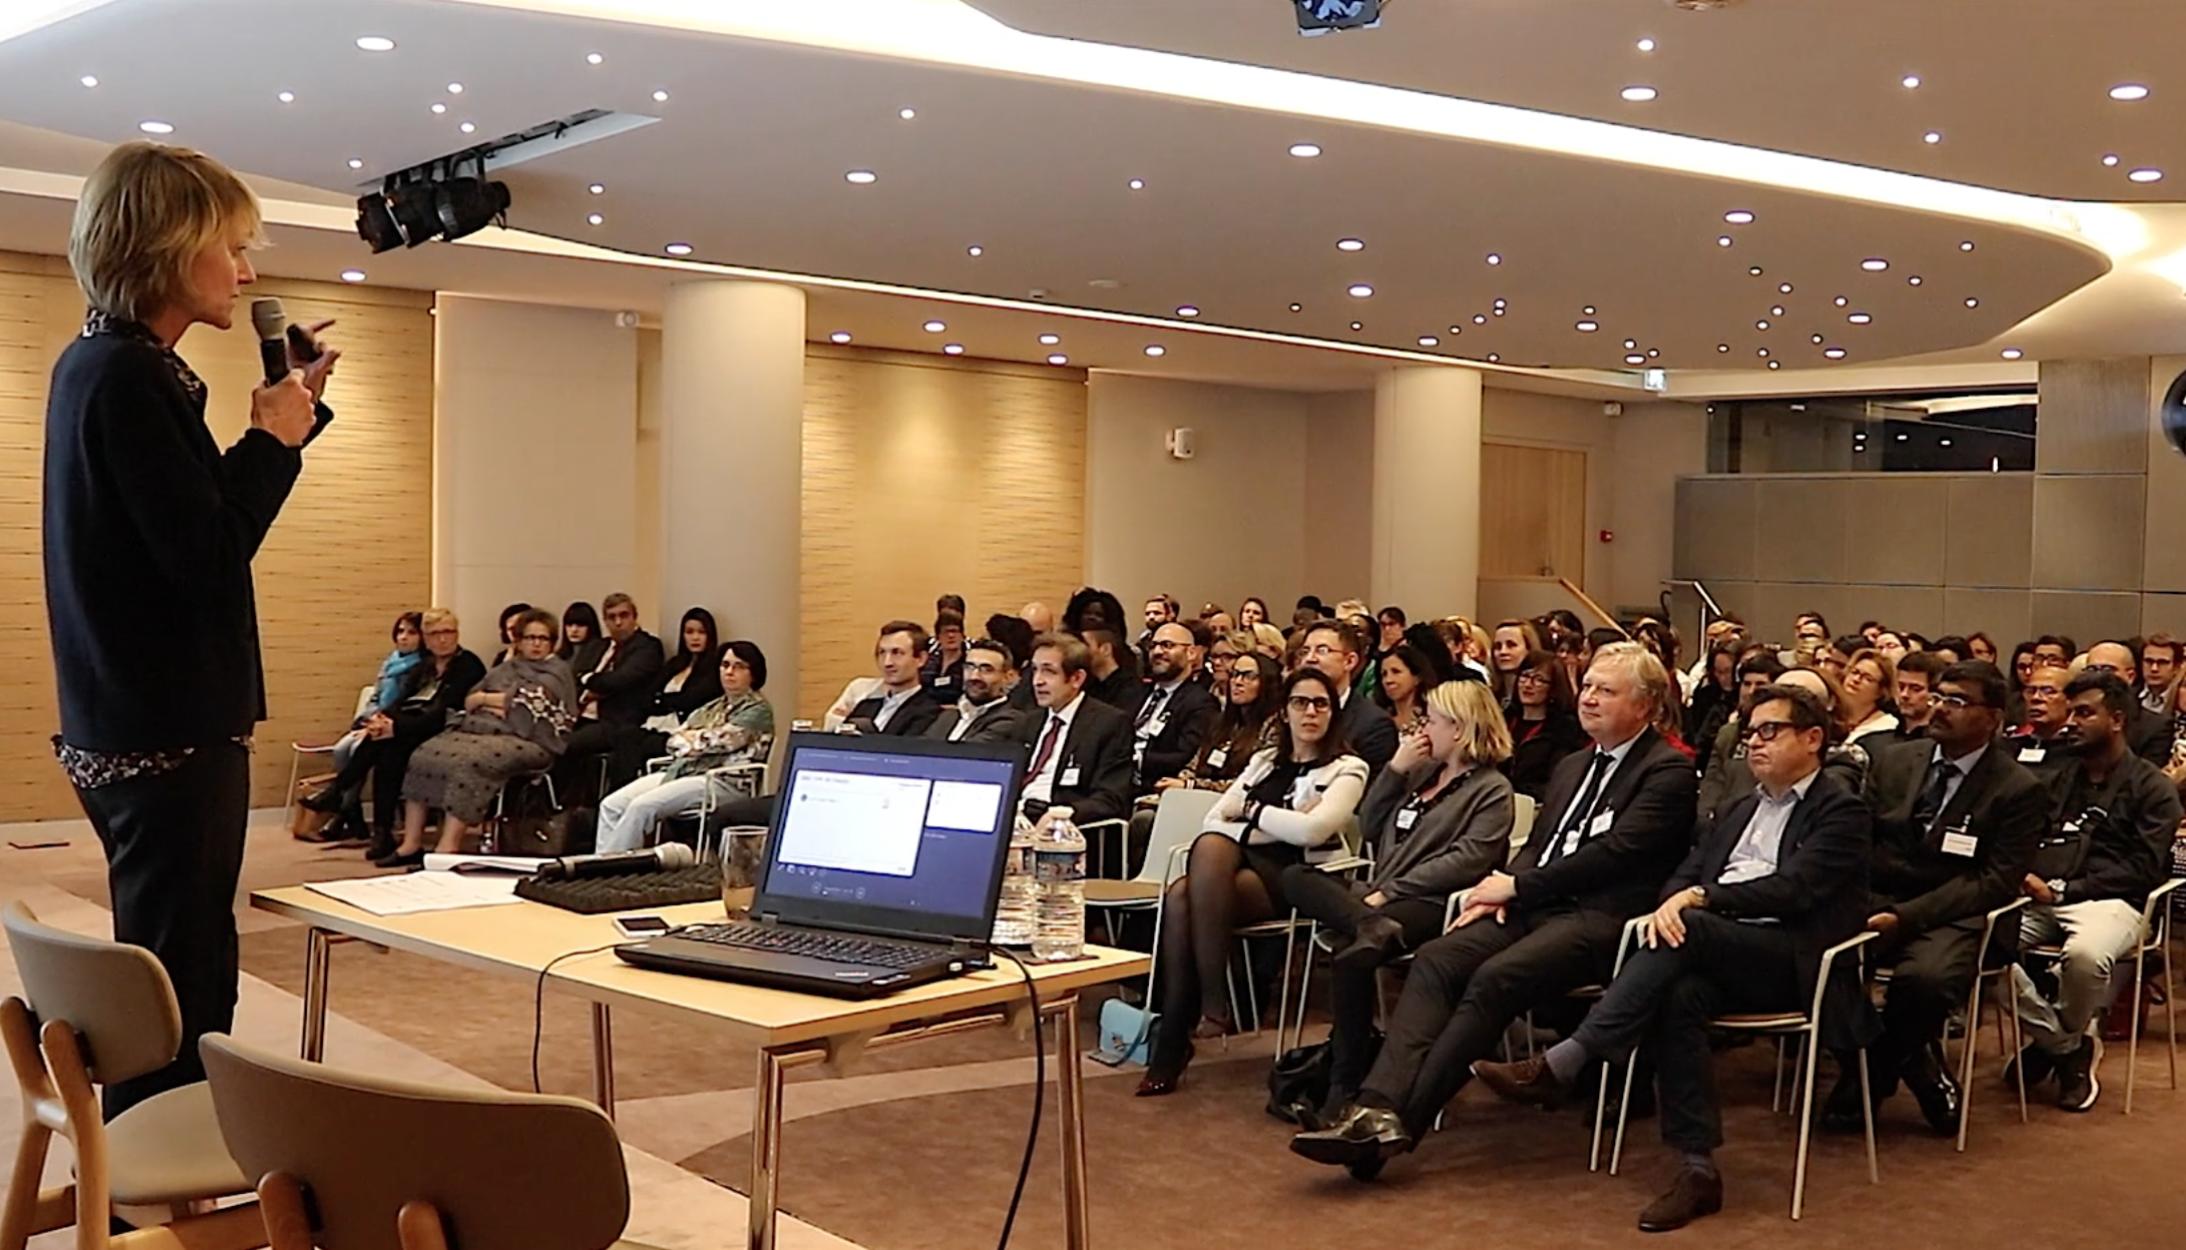 Red de videógrafos profesionales myphotoagency europa informando eventos IME